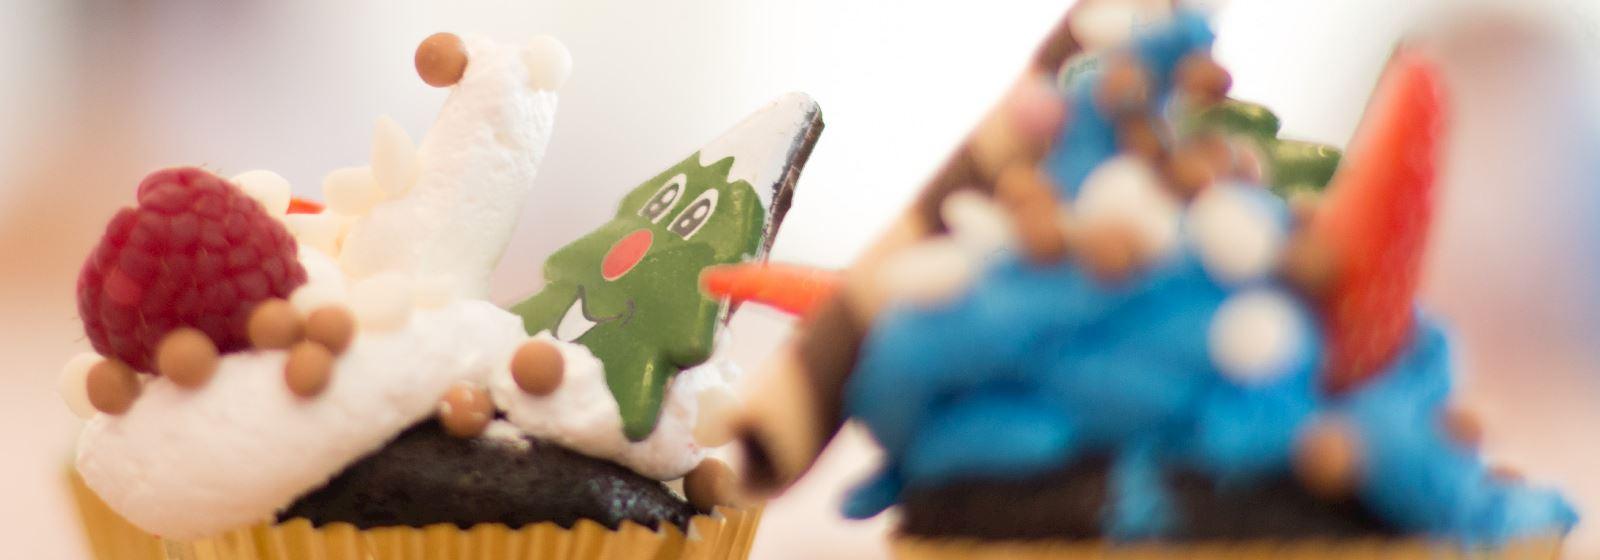 Cupcake Décor